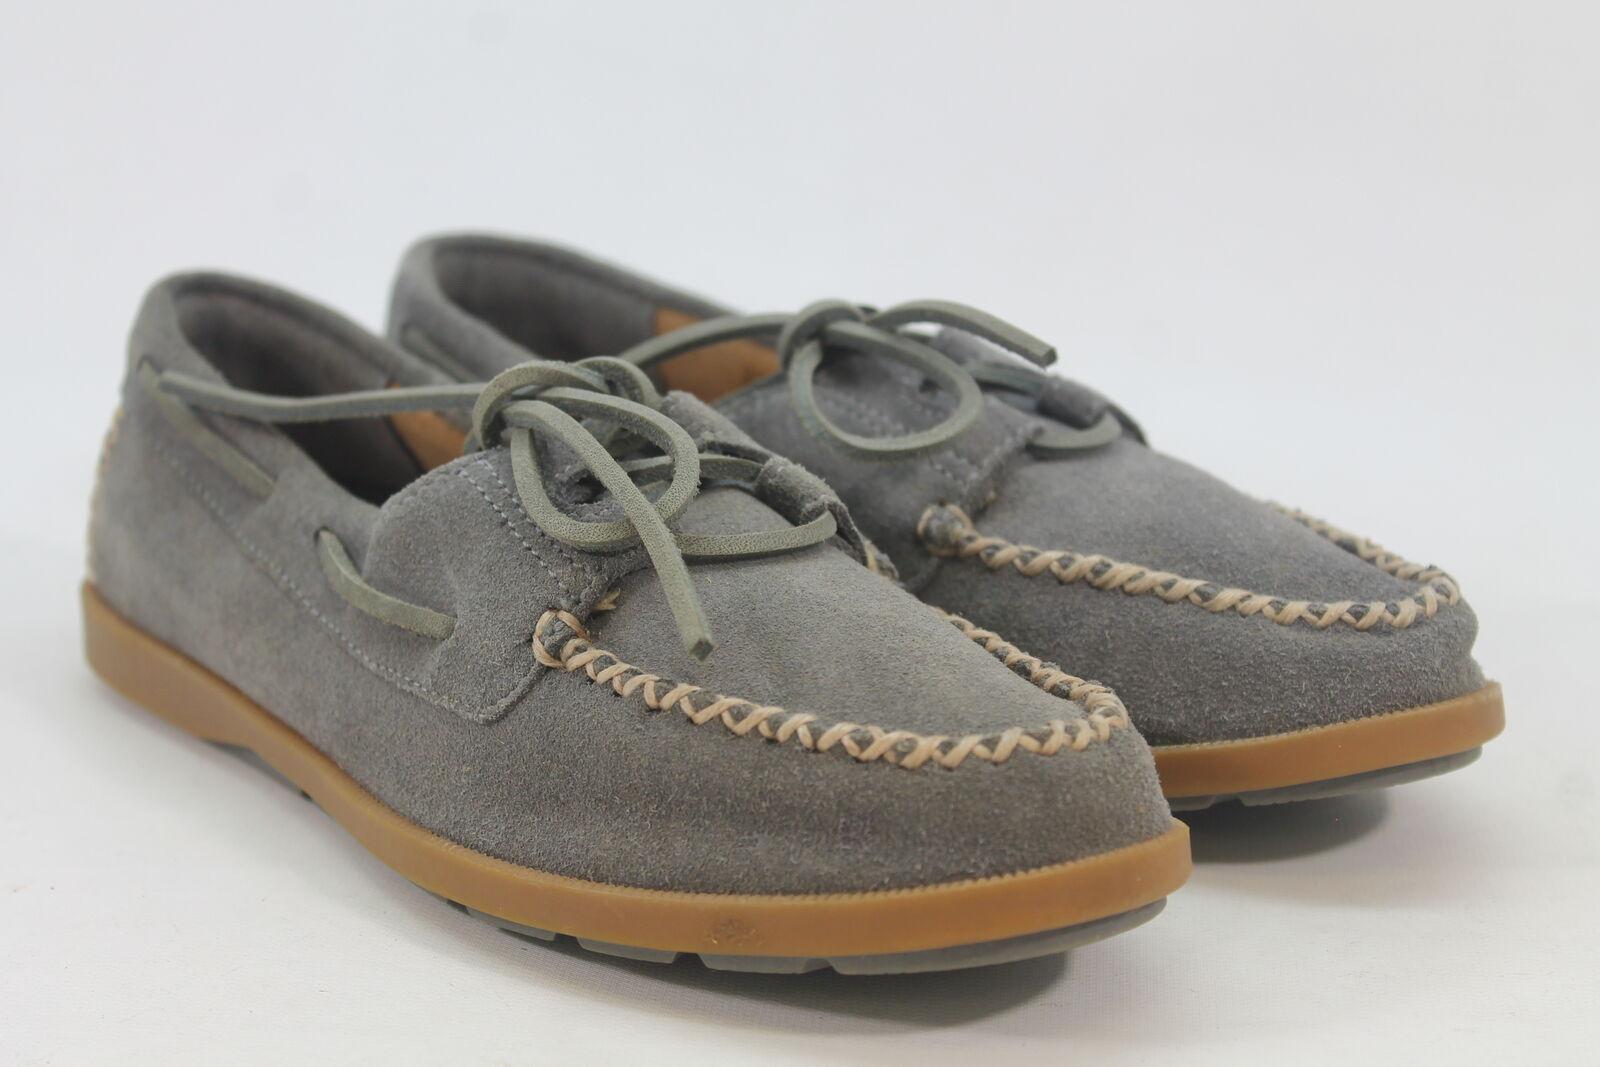 Sperry-Top Sider Leeward Women's Grey Boat Shoes 6M (ZAP12574)